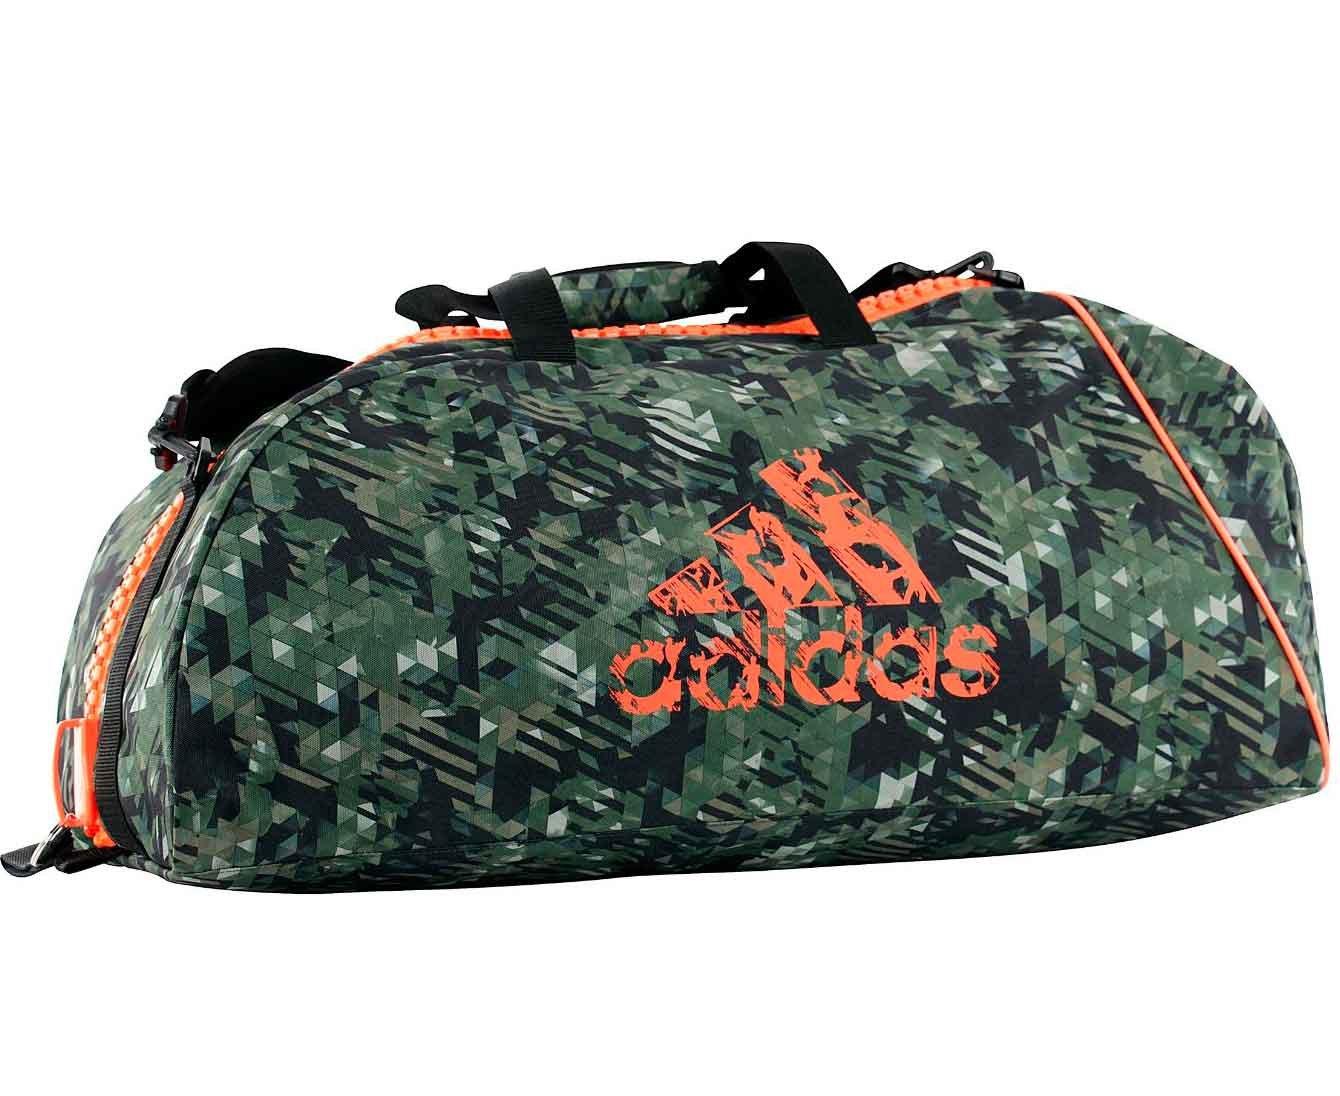 3f532f20d061 Купить спортивные сумки в Петрозаводске - Товары в магазинах Петрозаводска